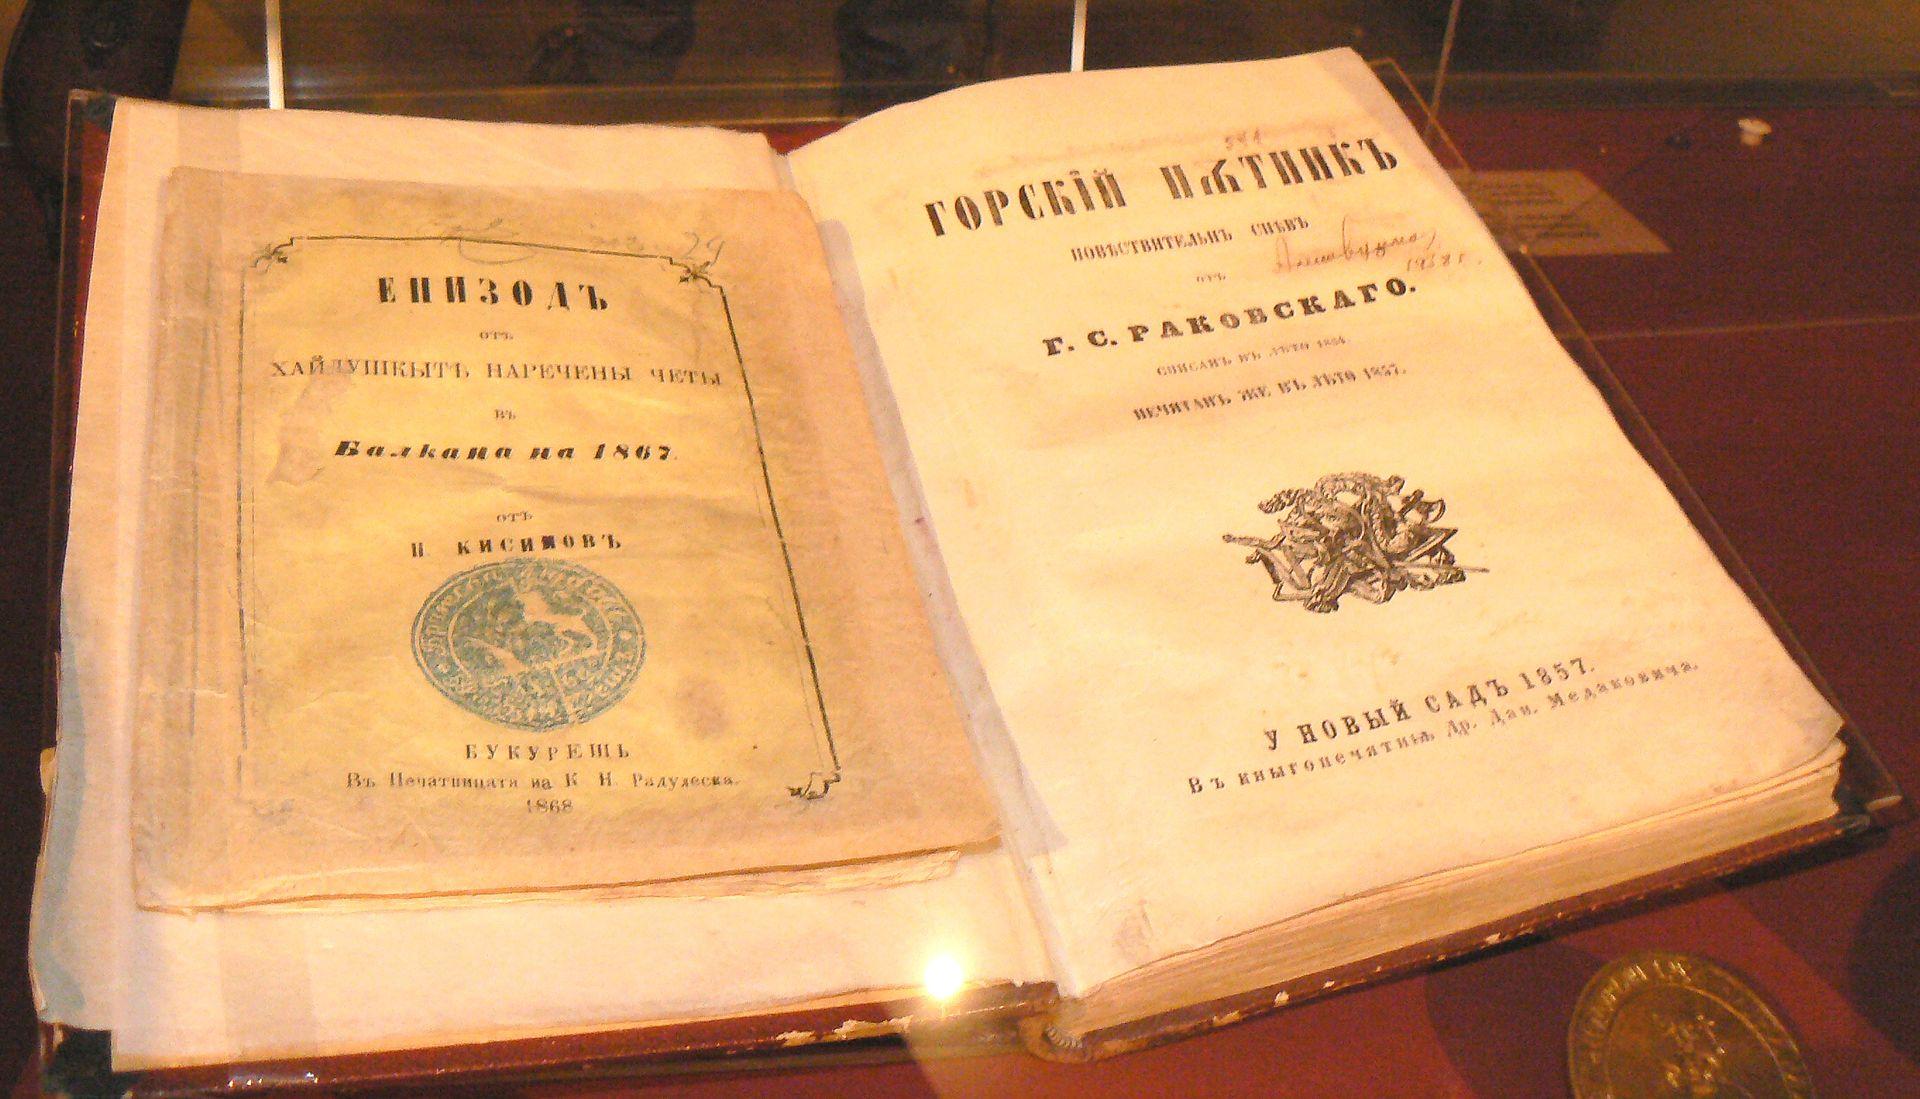 Книгата Горски пътник от Г.С. Раковски